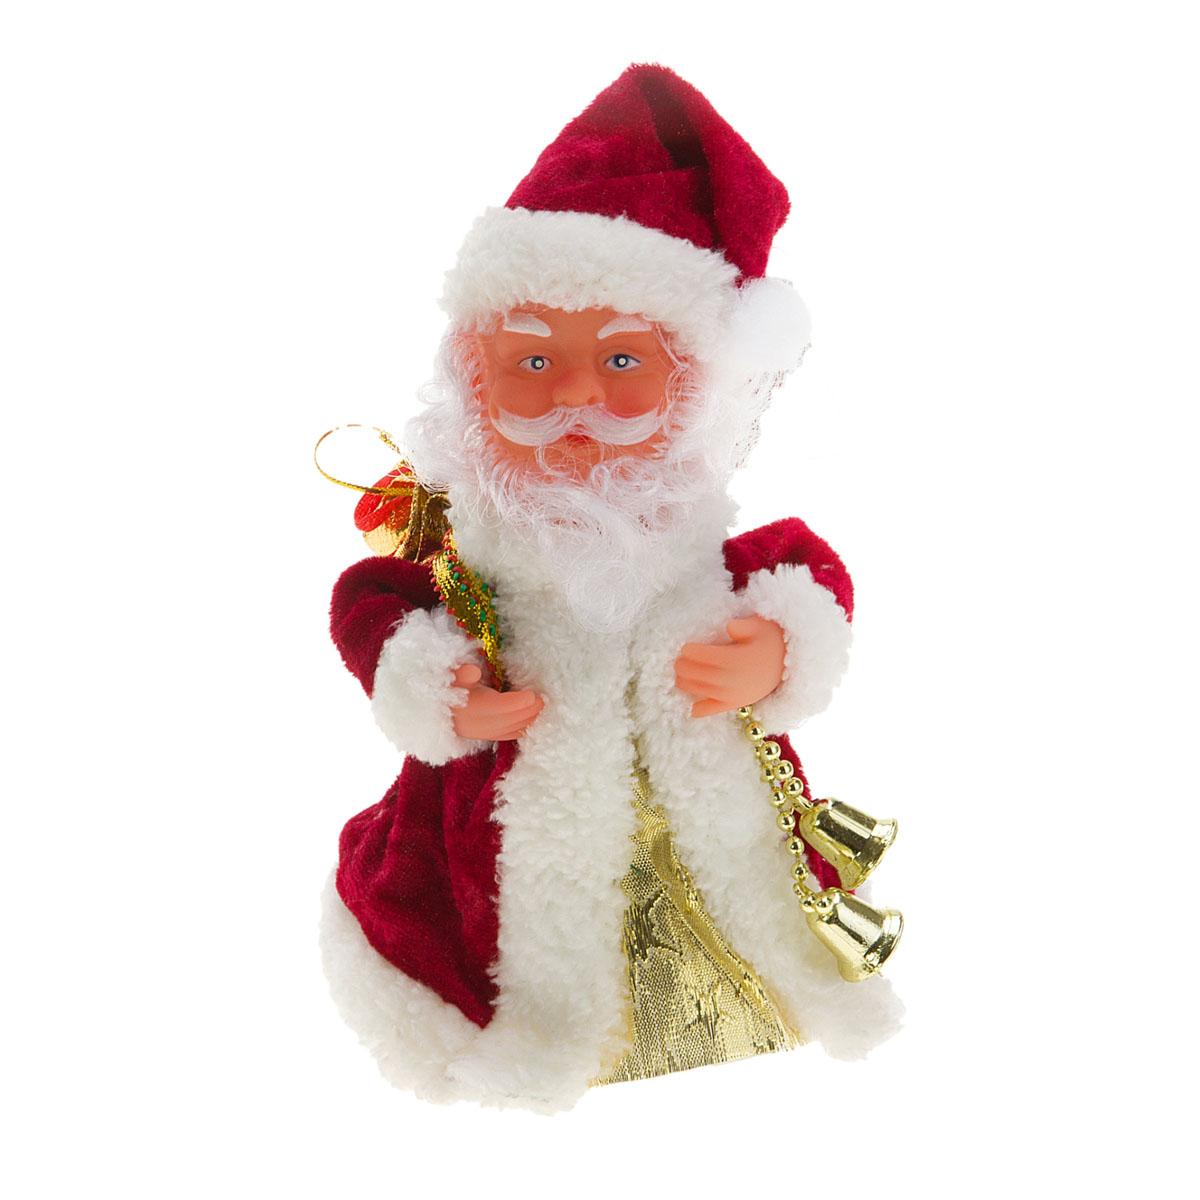 Новогодняя декоративная фигурка Sima-land Дед Мороз, анимированная, высота 18 см. 827790827790Новогодняя декоративная фигурка выполнена из высококачественного пластика в виде Деда Мороза. Дед Мороз одет в шубу с опушкой. На голове колпак в цвет шубы. В одной руке Дед Мороз держит мешок с подарками, а в другой - связку колокольчиков. Особенностью фигурки является наличие механизма, при включении которого играет мелодия, кукла начинает кружиться и двигаться, шевеля руками и головой. Его добрый вид и очаровательная улыбка притягивают к себе восторженные взгляды. Декоративная фигурка Дед Мороз подойдет для оформления новогоднего интерьера и принесет с собой атмосферу радости и веселья.